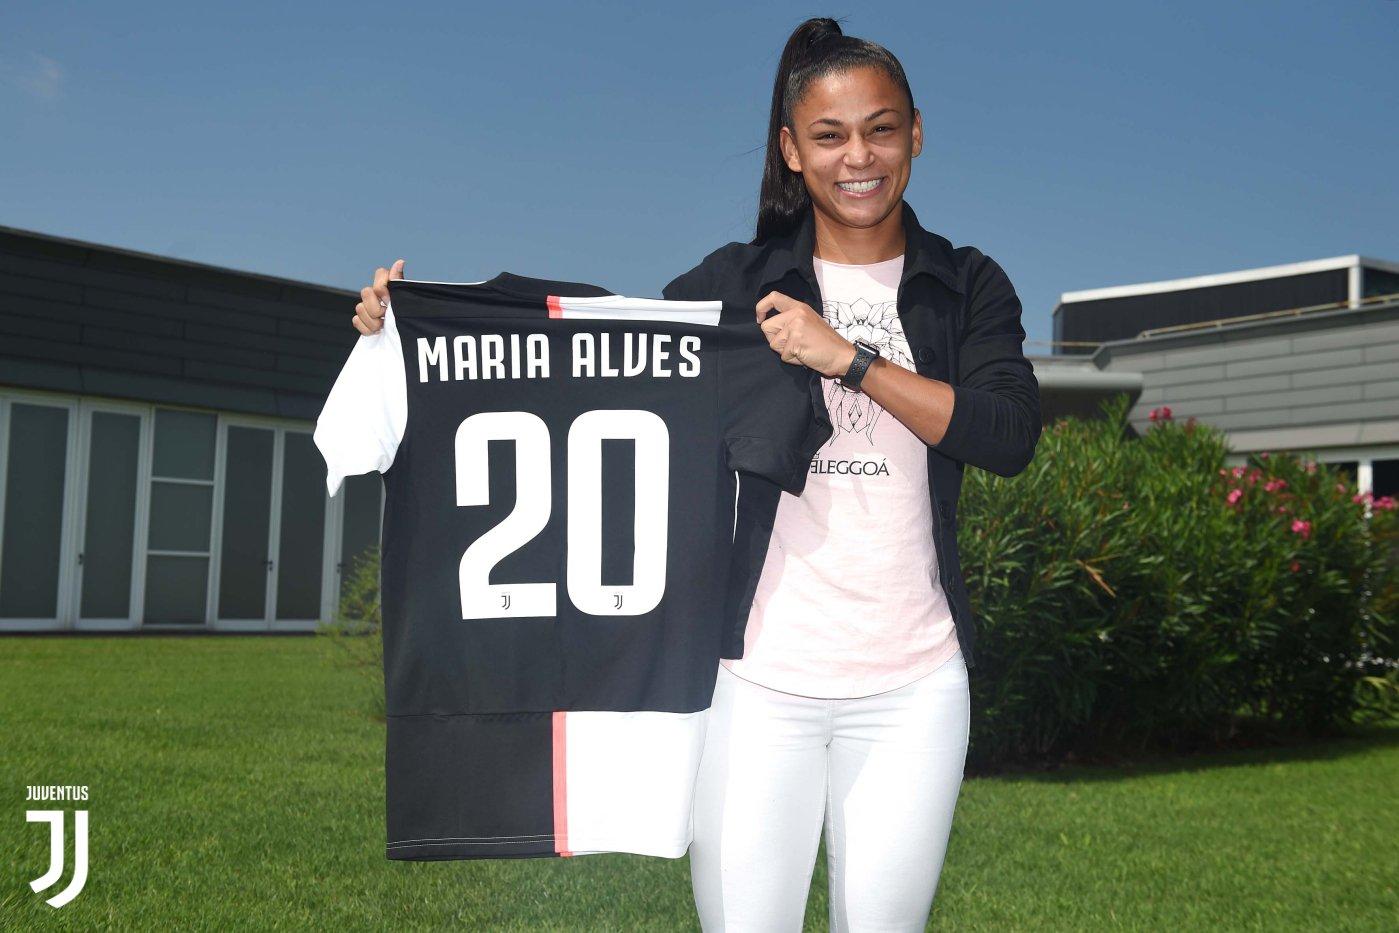 Maria Alves posa com a camisa 20 da Juventus (Foto: Divulgação / Juventus)